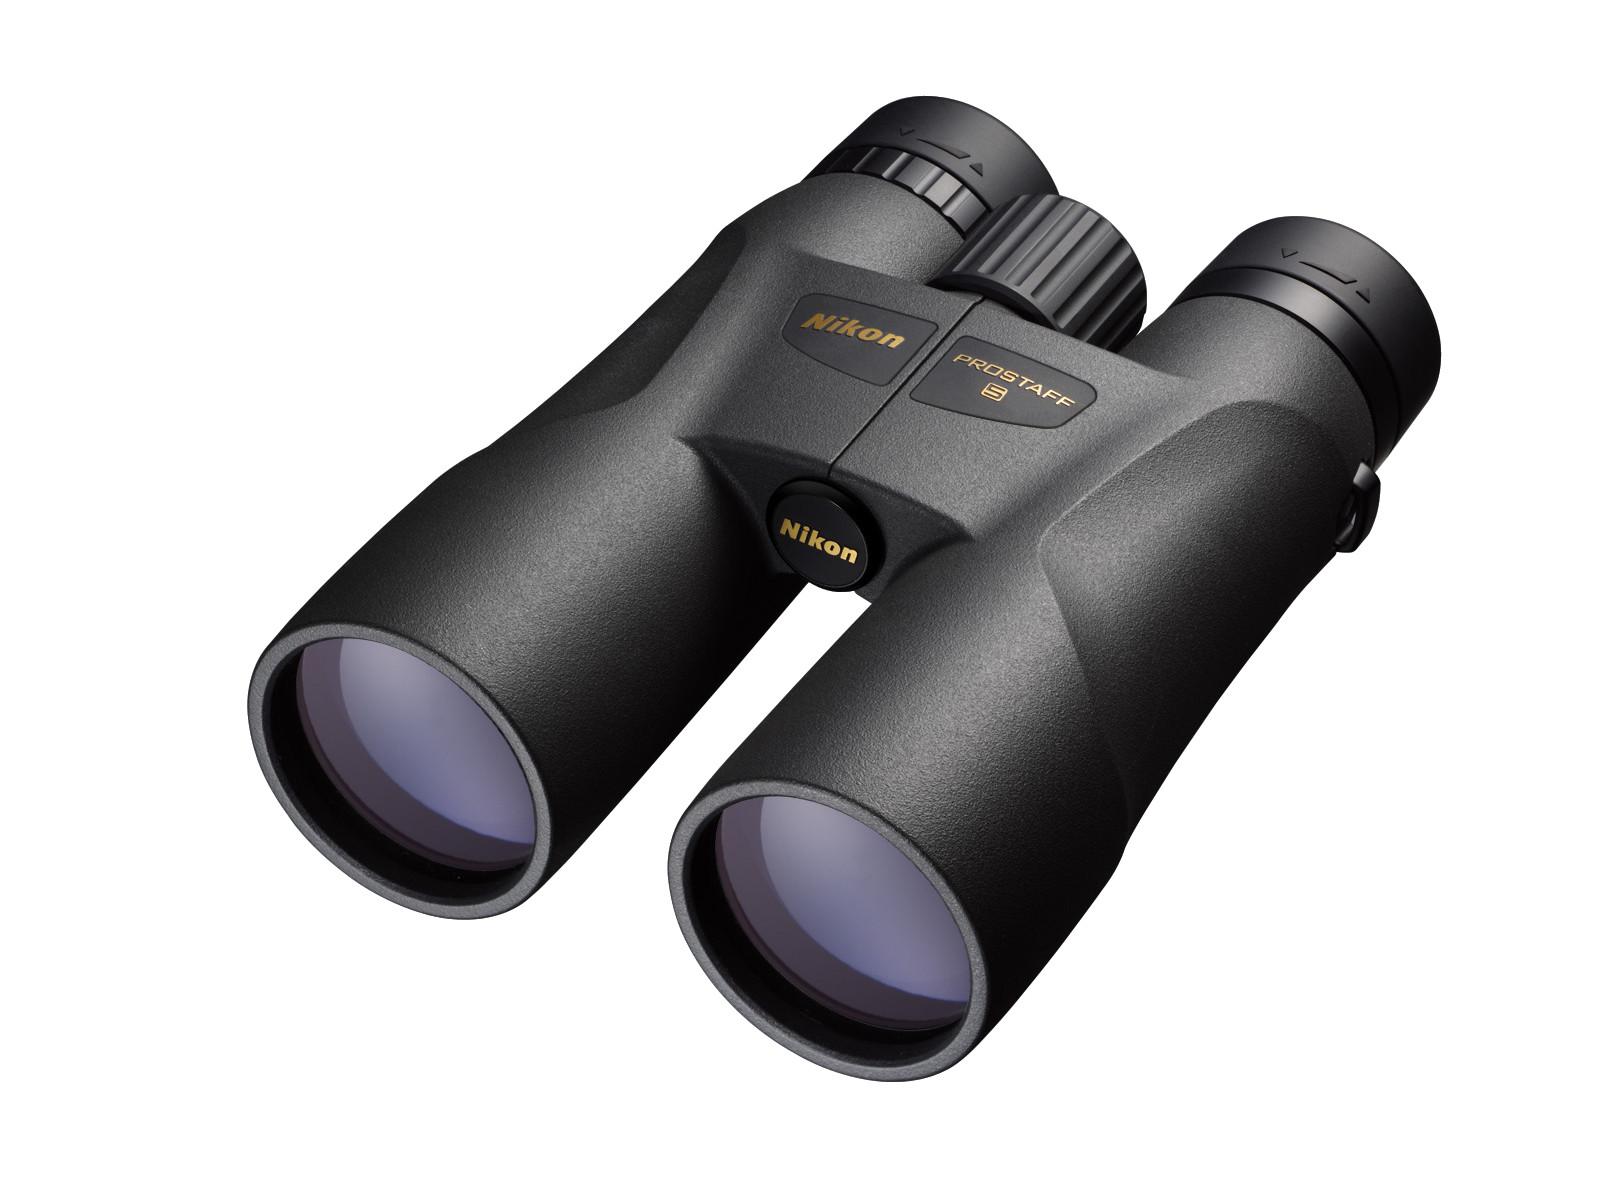 Prostaff 5 10X50 雙筒望遠鏡 雙筒望遠鏡/單眼鏡-登山賞鳥